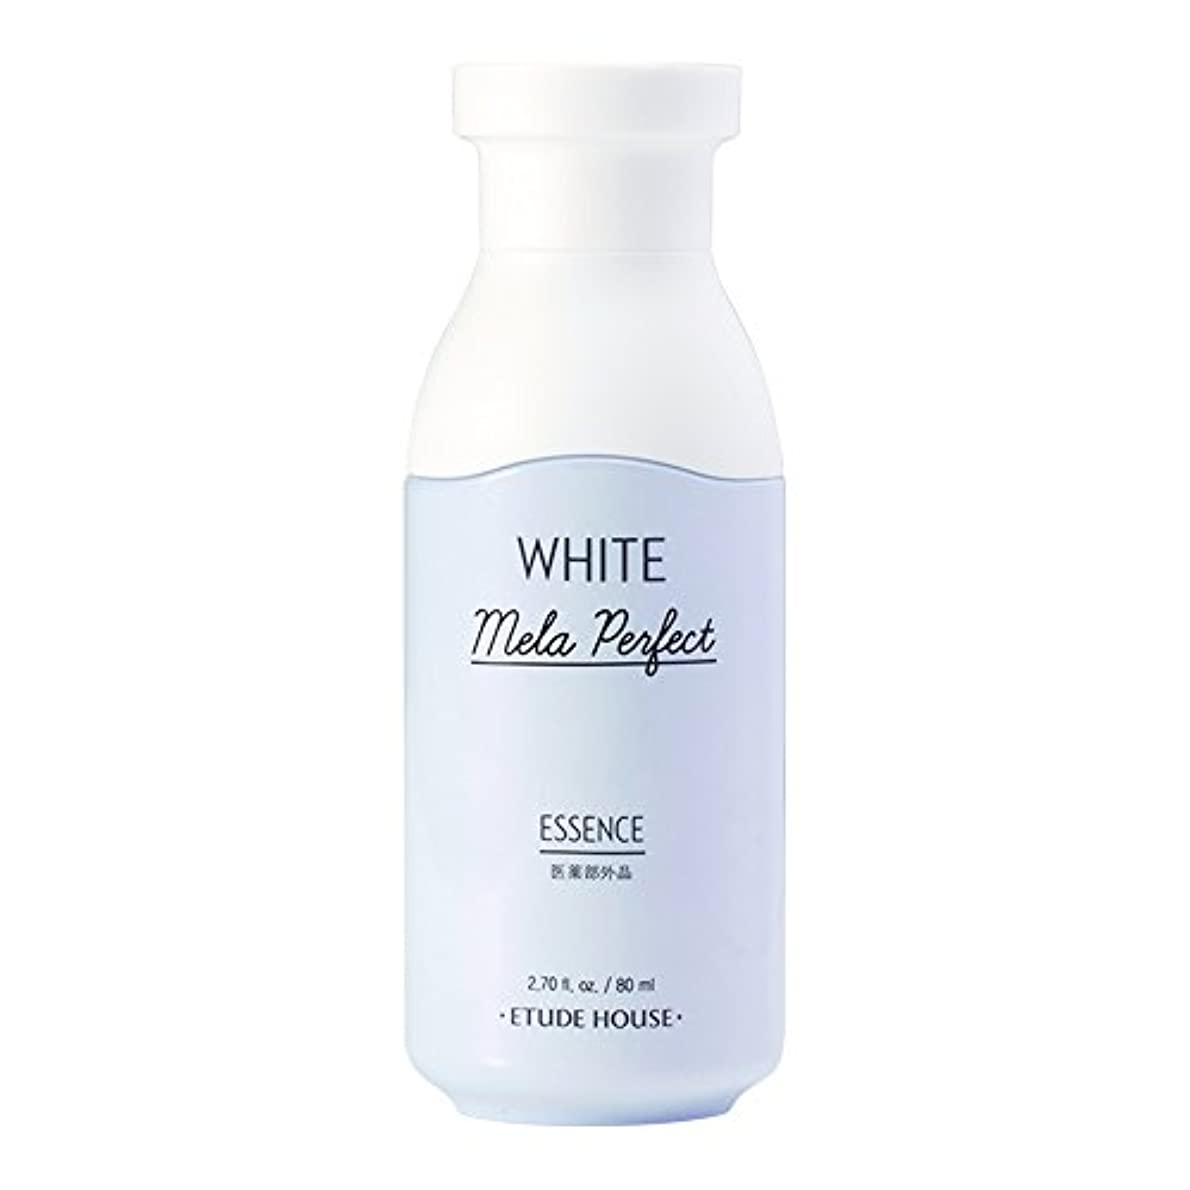 安定スコットランド人再発するエチュードハウス(ETUDE HOUSE) ホワイトメラパーフェクト エッセンス「美白美容液」